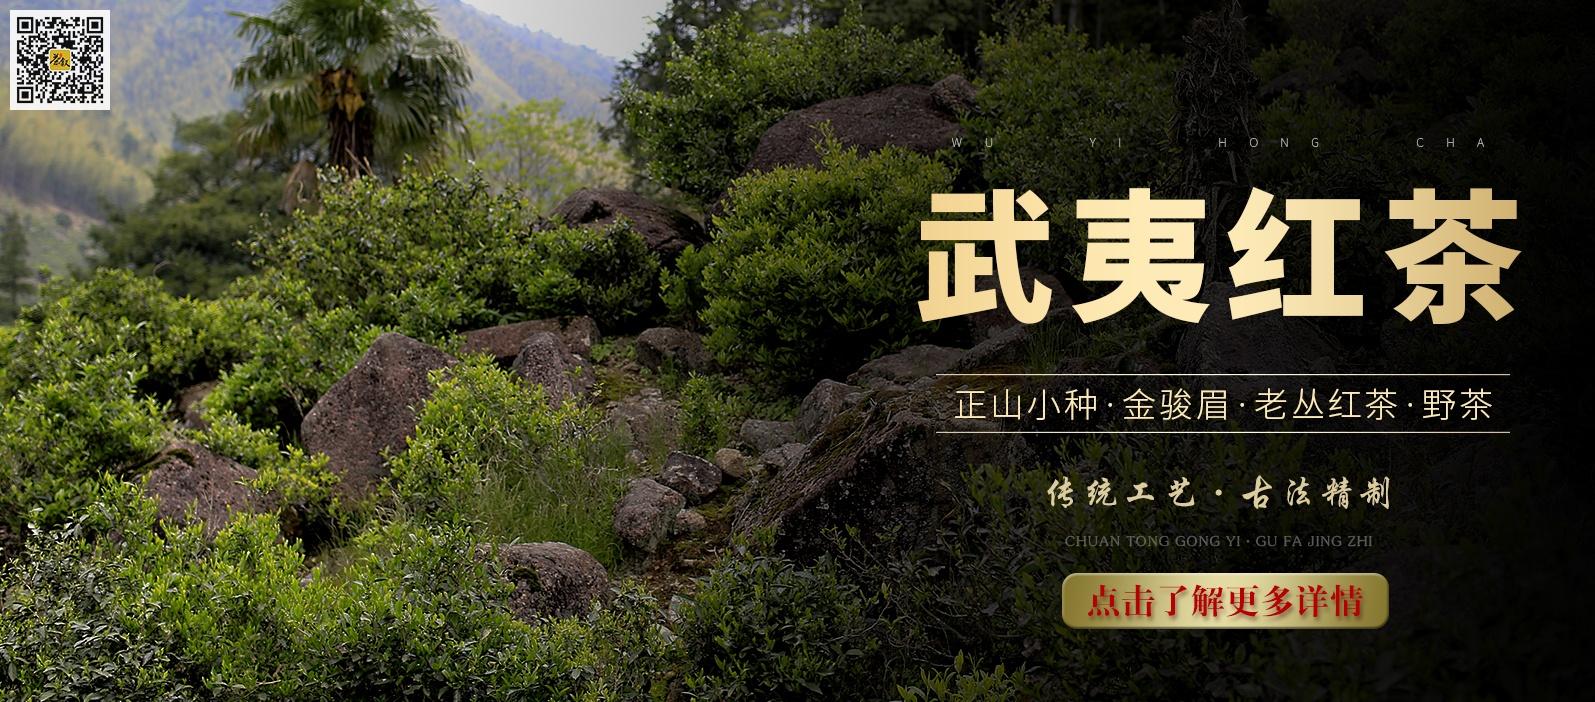 武夷红茶海报图片